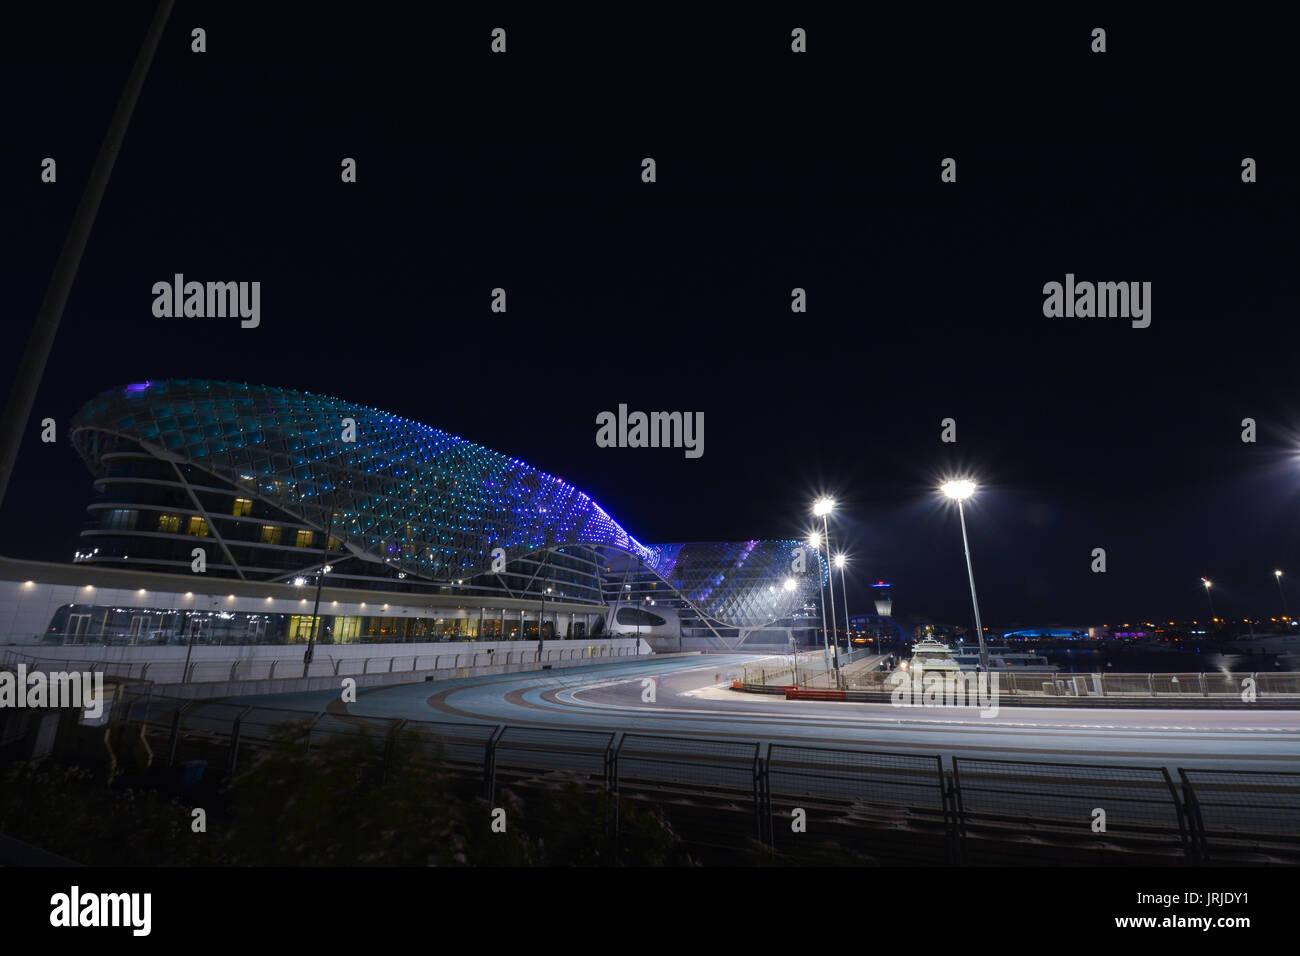 Circuito Yas Marina : Circuito yas marina y yas marina hotel foto & imagen de stock